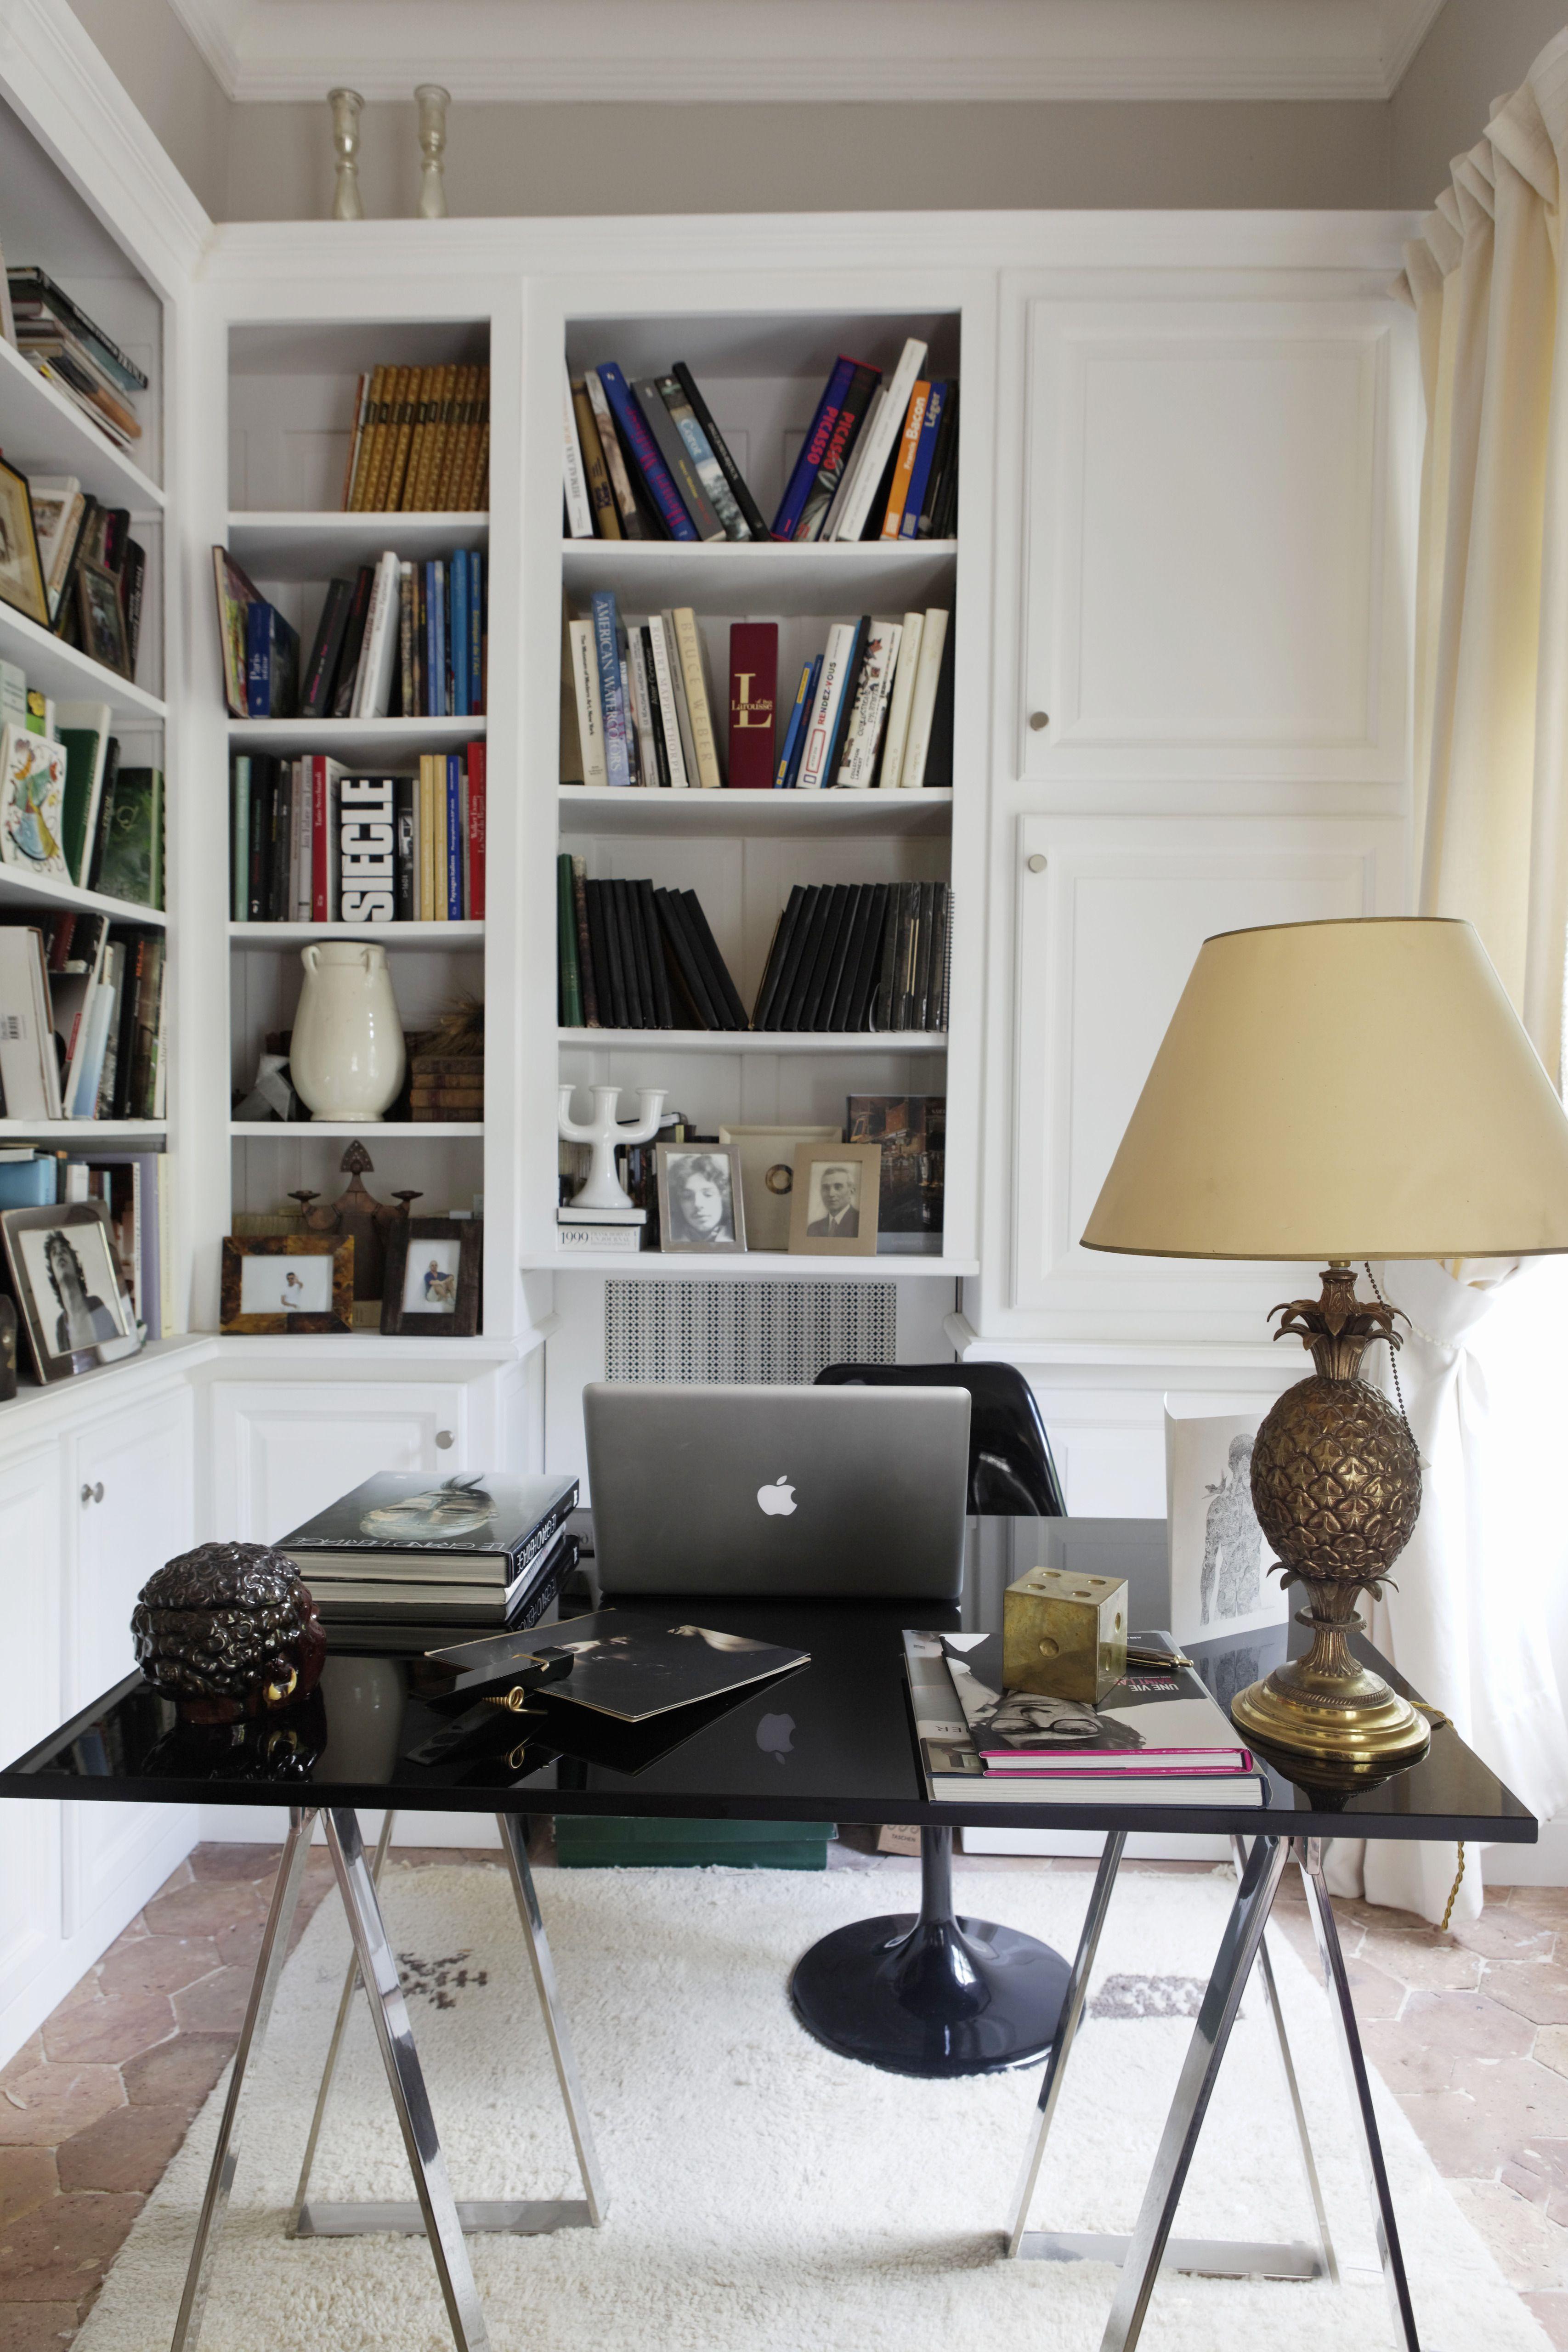 Wer Im Home Office Arbeitet Muss Ein Arbeitszimmer Einrichten Um Es Von Der Steuer Absetzen Zu Konnen Dashaus Arbeits In 2020 Home Home Decor Home Office Design